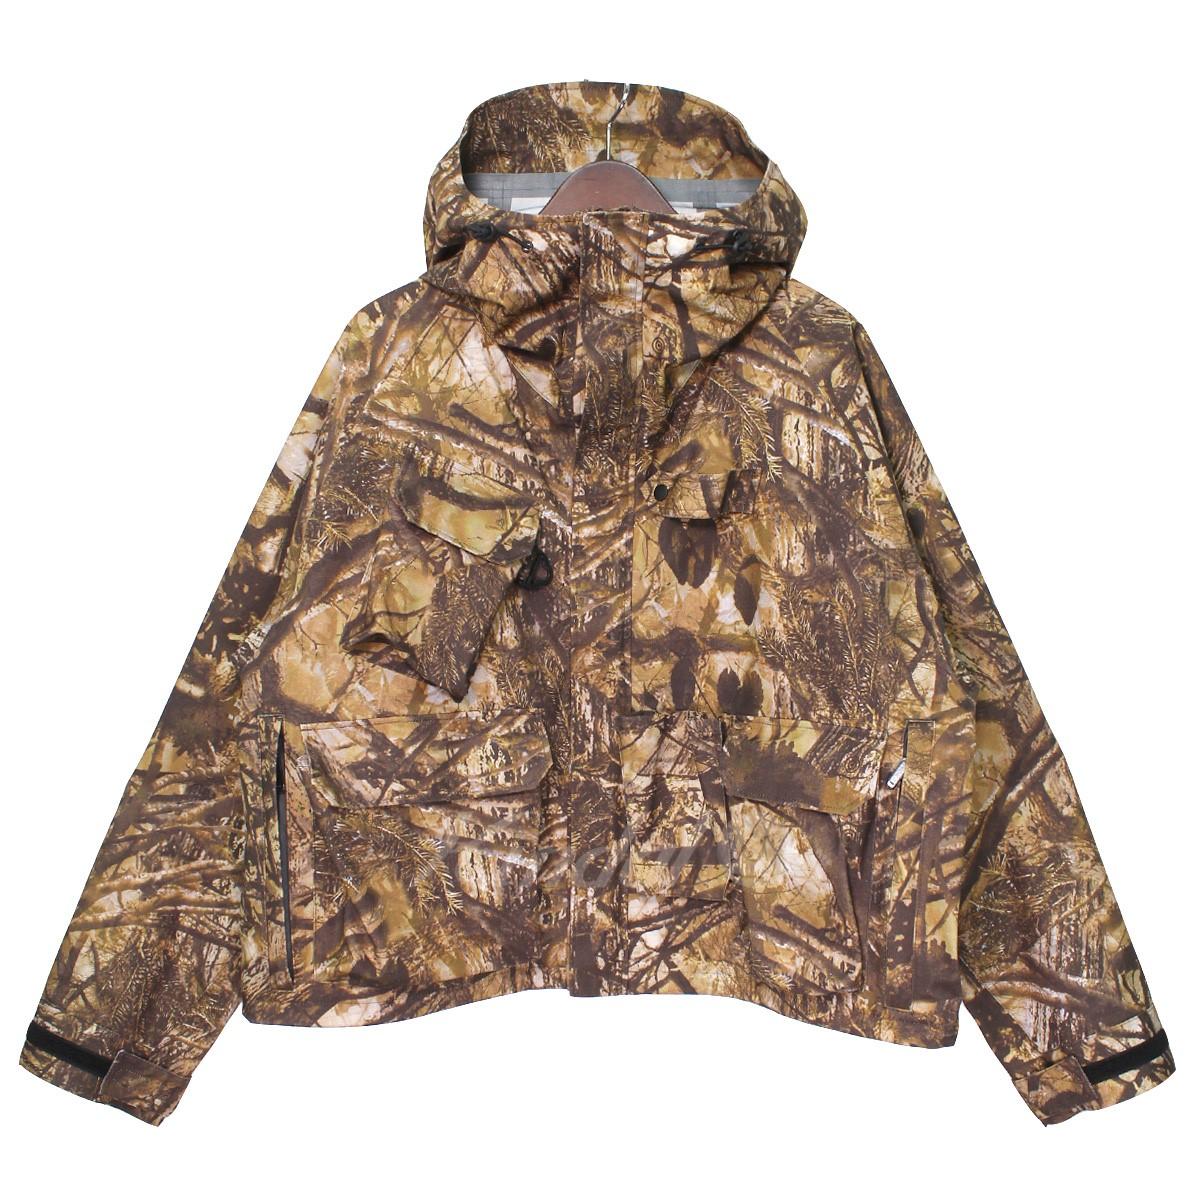 【中古】South2 West8 S2W8 NEPENTHES 18AW river trek jacket リアルツリーマウンテンショートジャケット カーキブラウン サイズ:M 【送料無料】 【240319】(サウスツーウエストエイト ネペンテス)